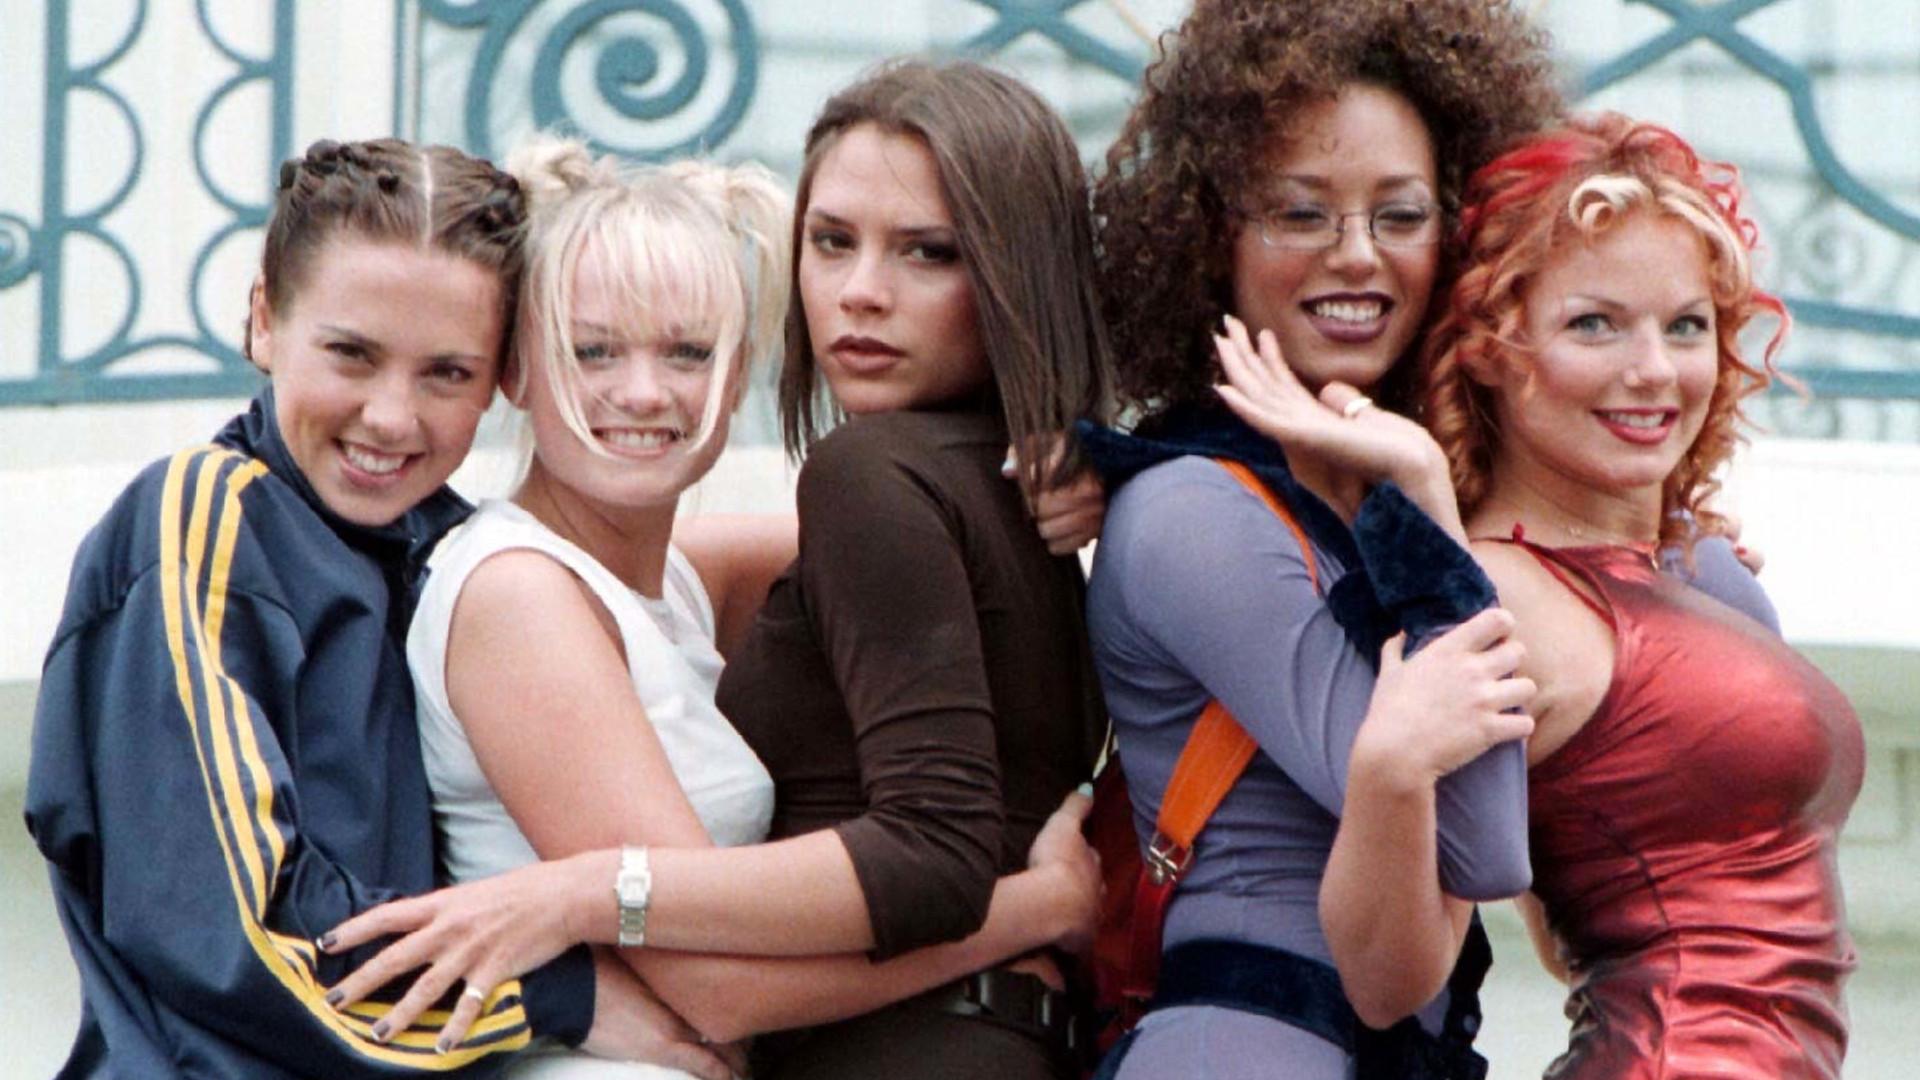 To ona była w pierwszym składzie Spice Girls, dziś pracuje w budżetówce